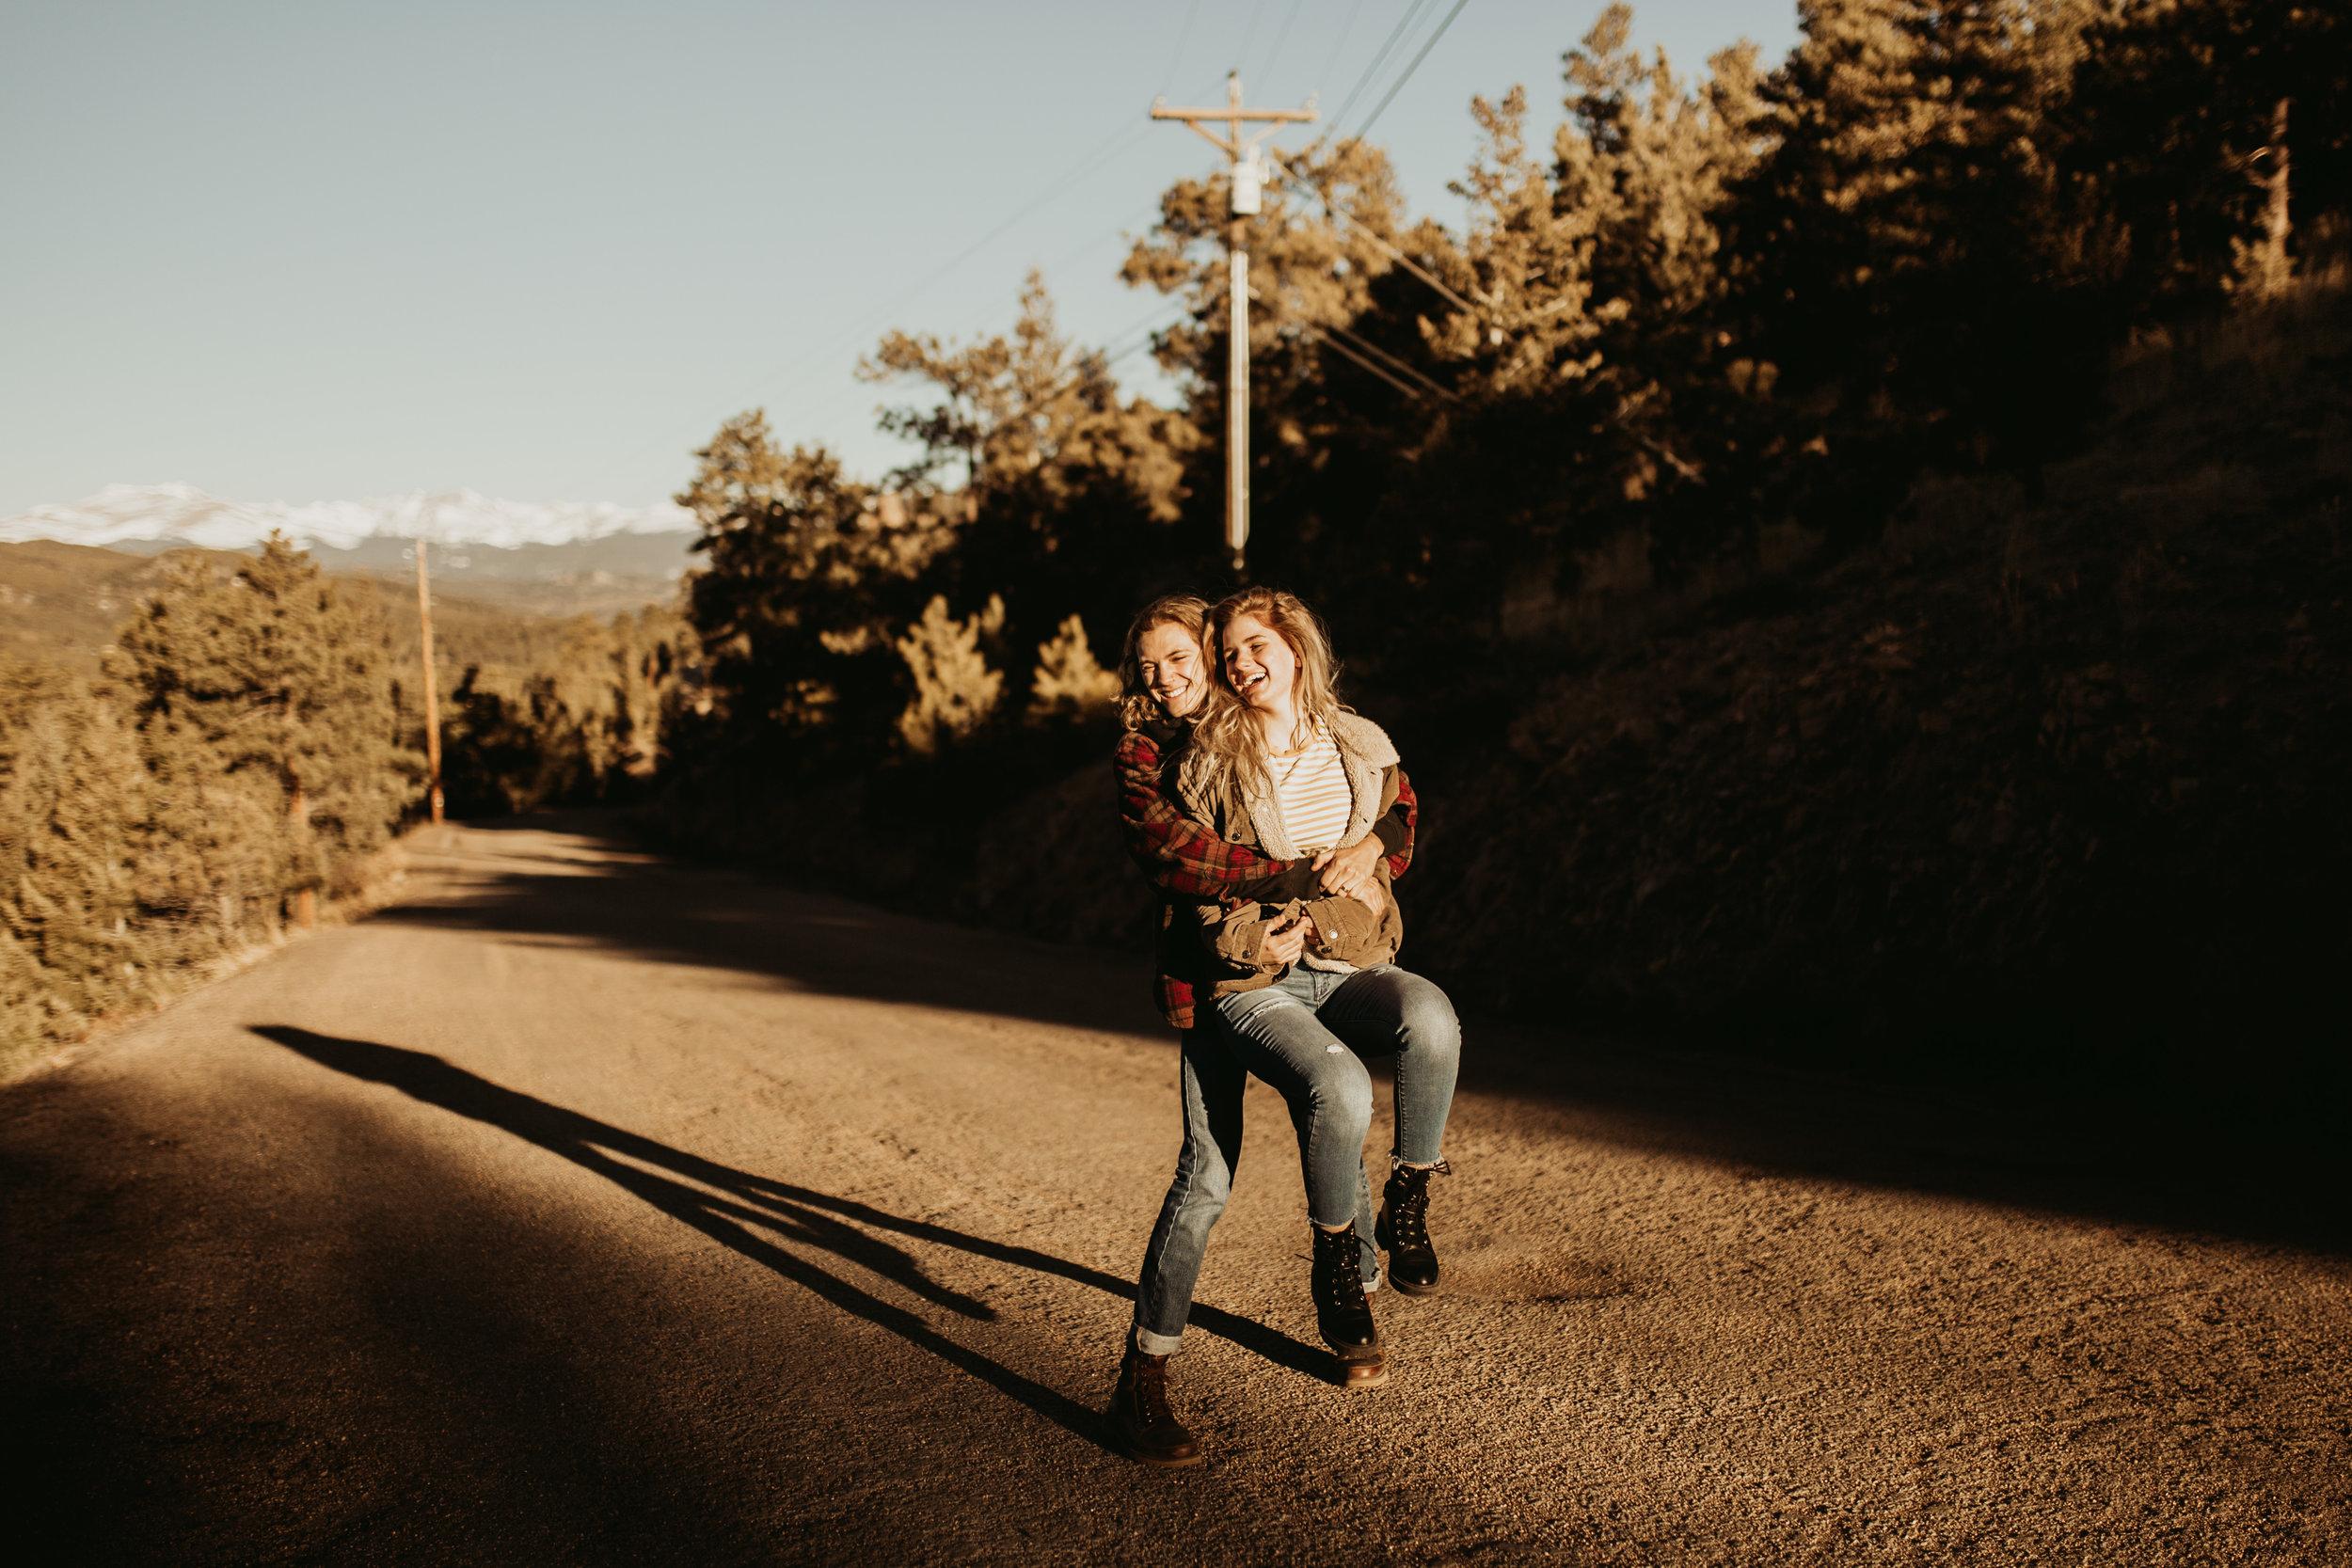 oceanside+california+wedding+photographer21.jpg